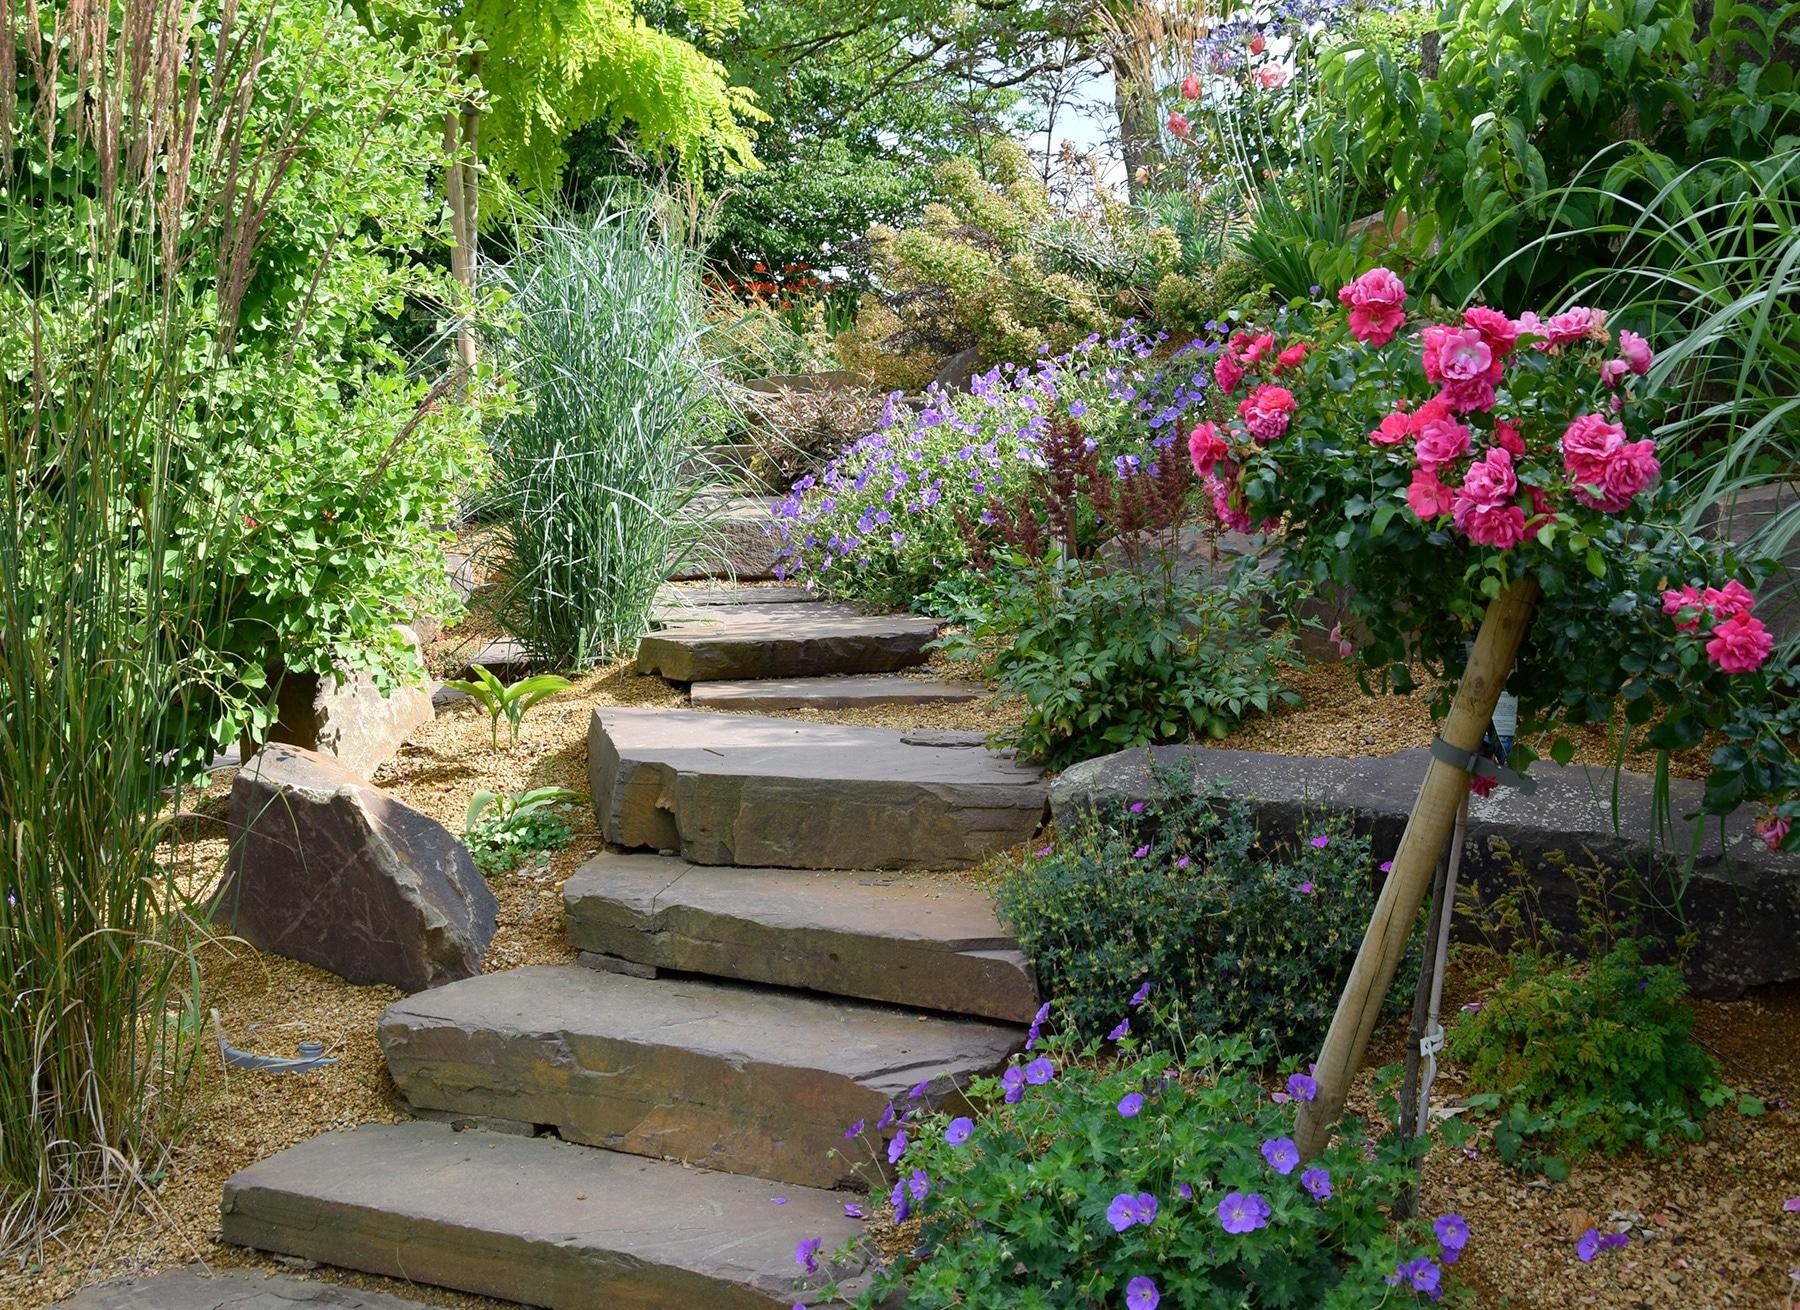 Escalier De Jardin - Aménagement D'escalier Extérieur ... destiné Exemple D Aménagement De Jardin